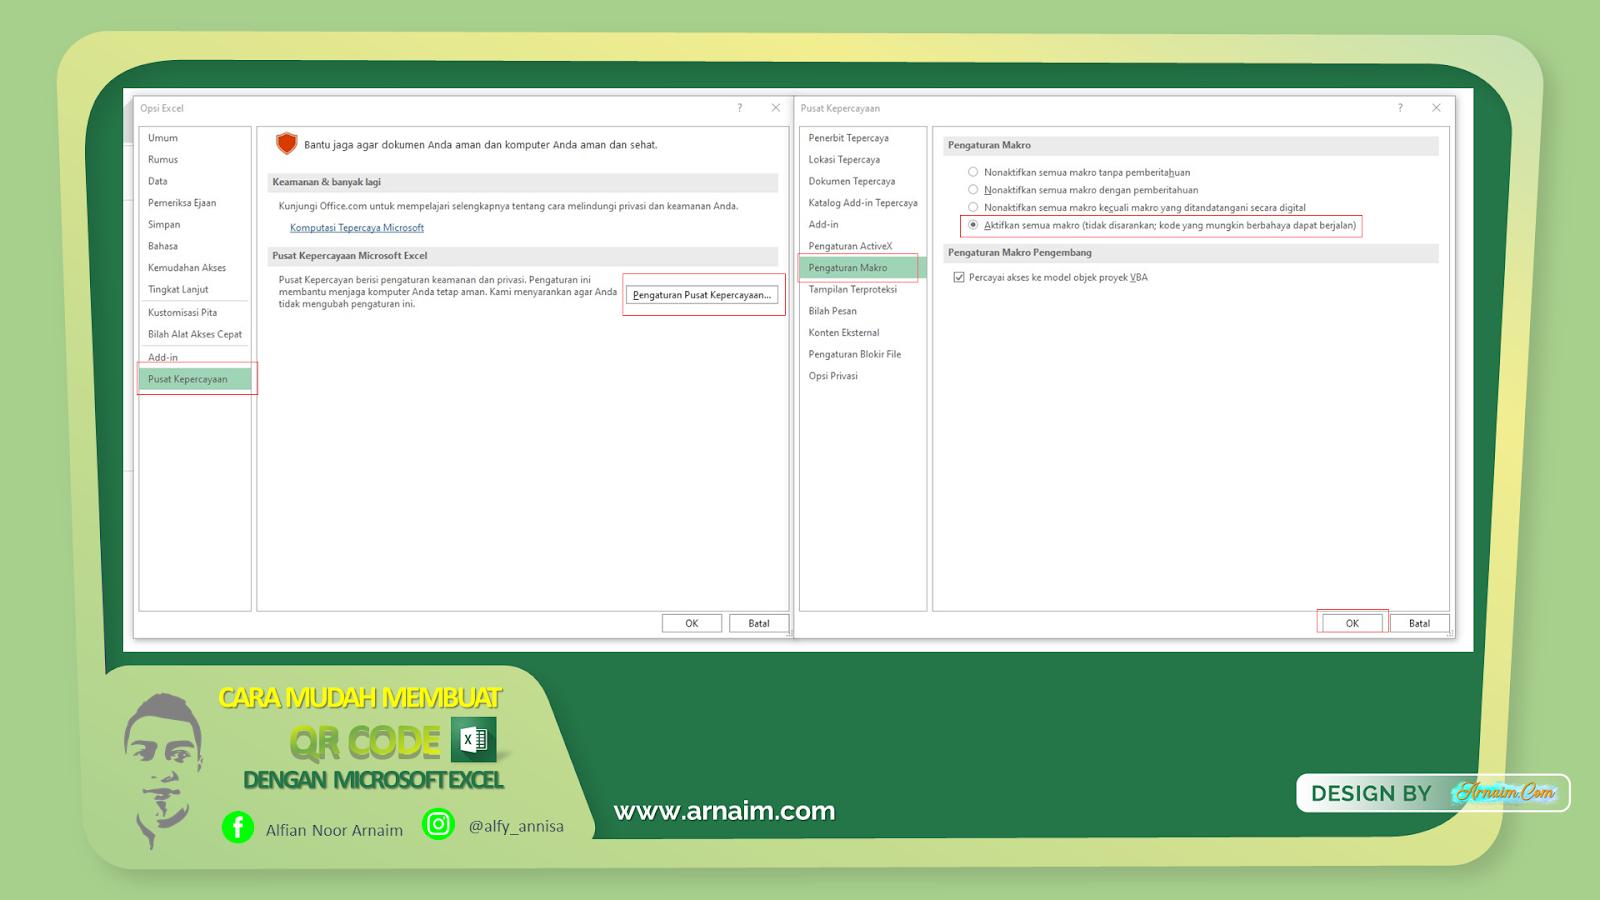 Cara Mudah Membuat QR Code dengan Microsoft Excel